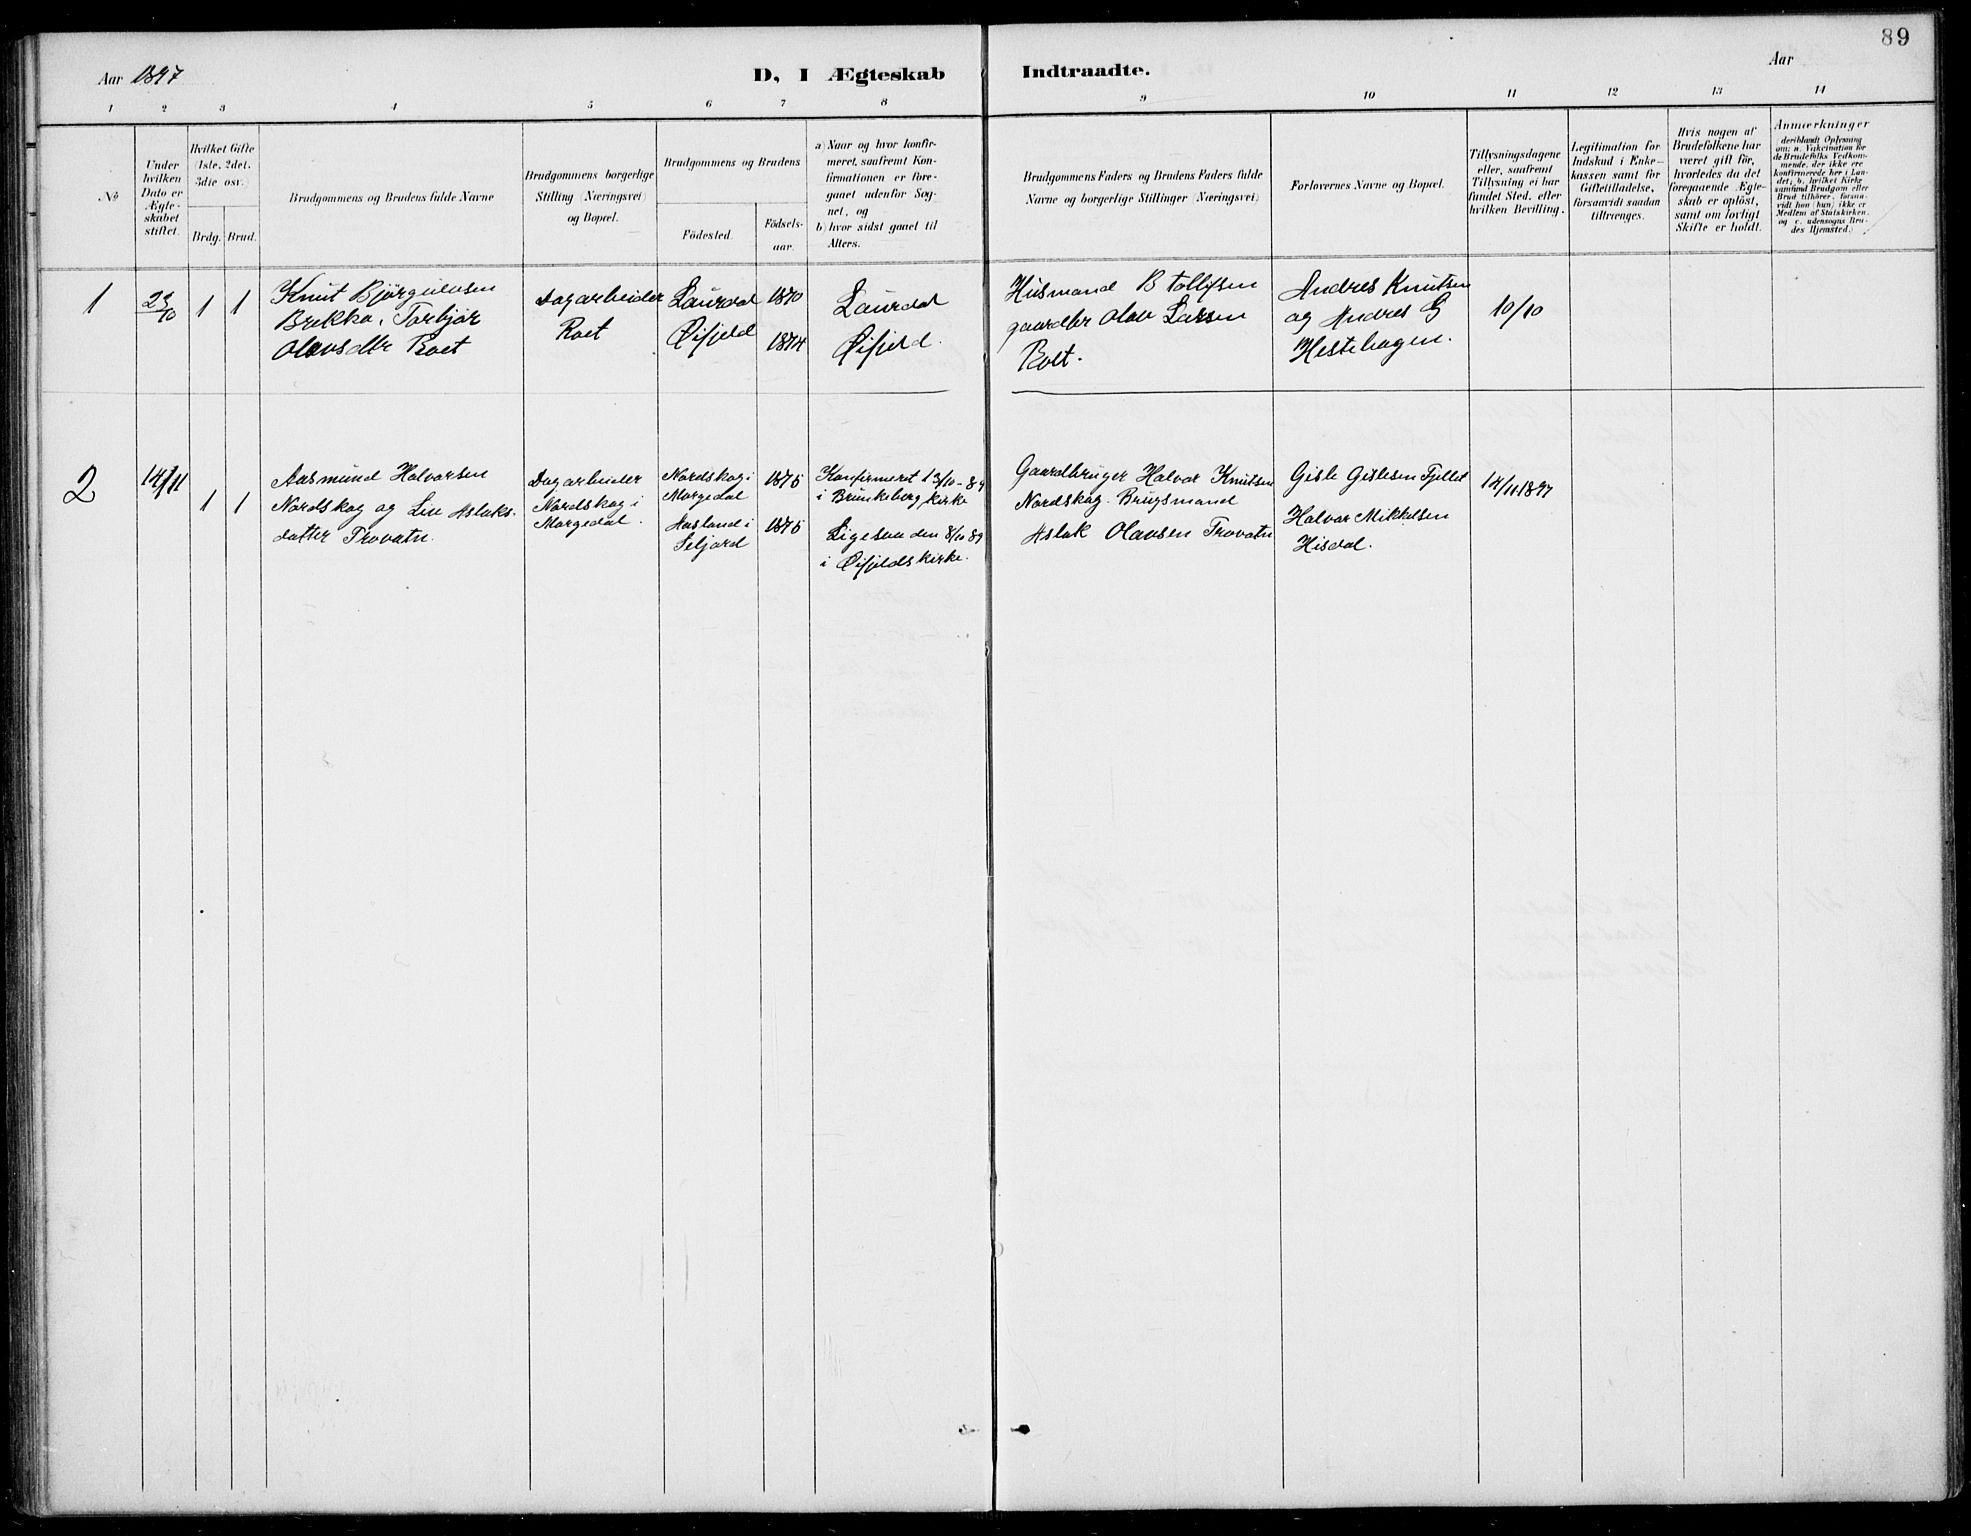 SAKO, Rauland kirkebøker, G/Gb/L0002: Klokkerbok nr. II 2, 1887-1937, s. 89